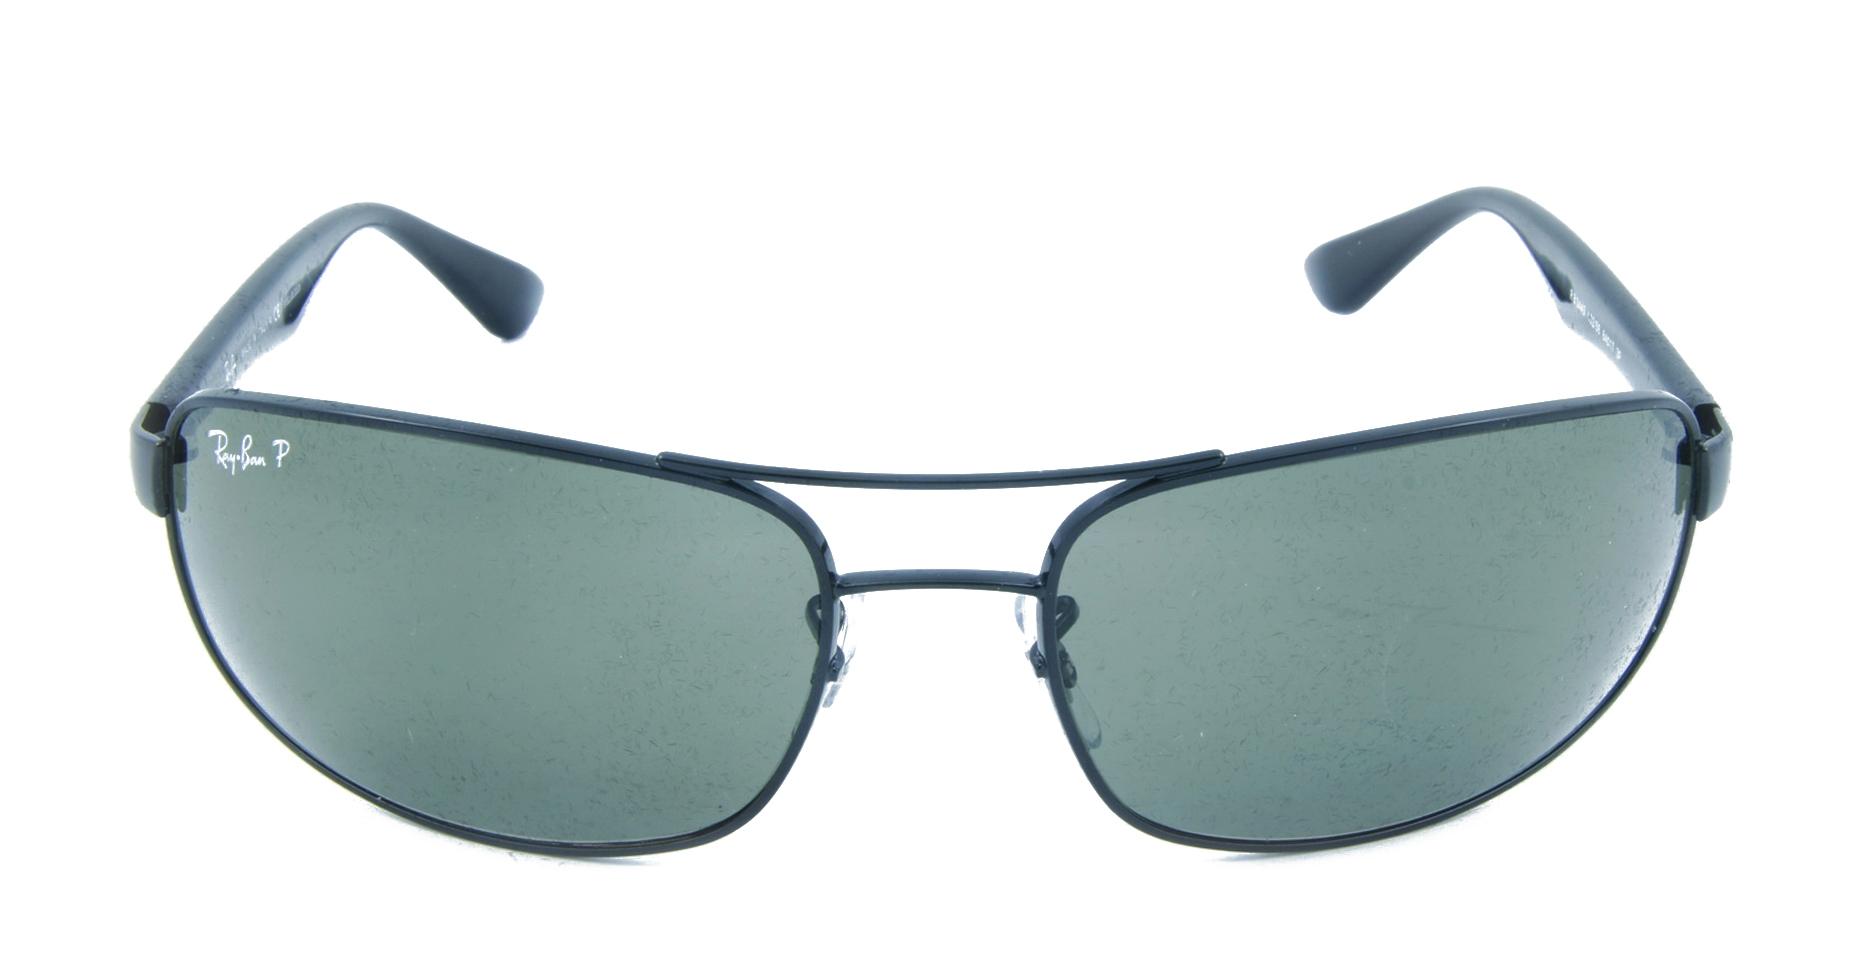 okulary przeciwsłoneczne ray ban męskie polaryzacyjne